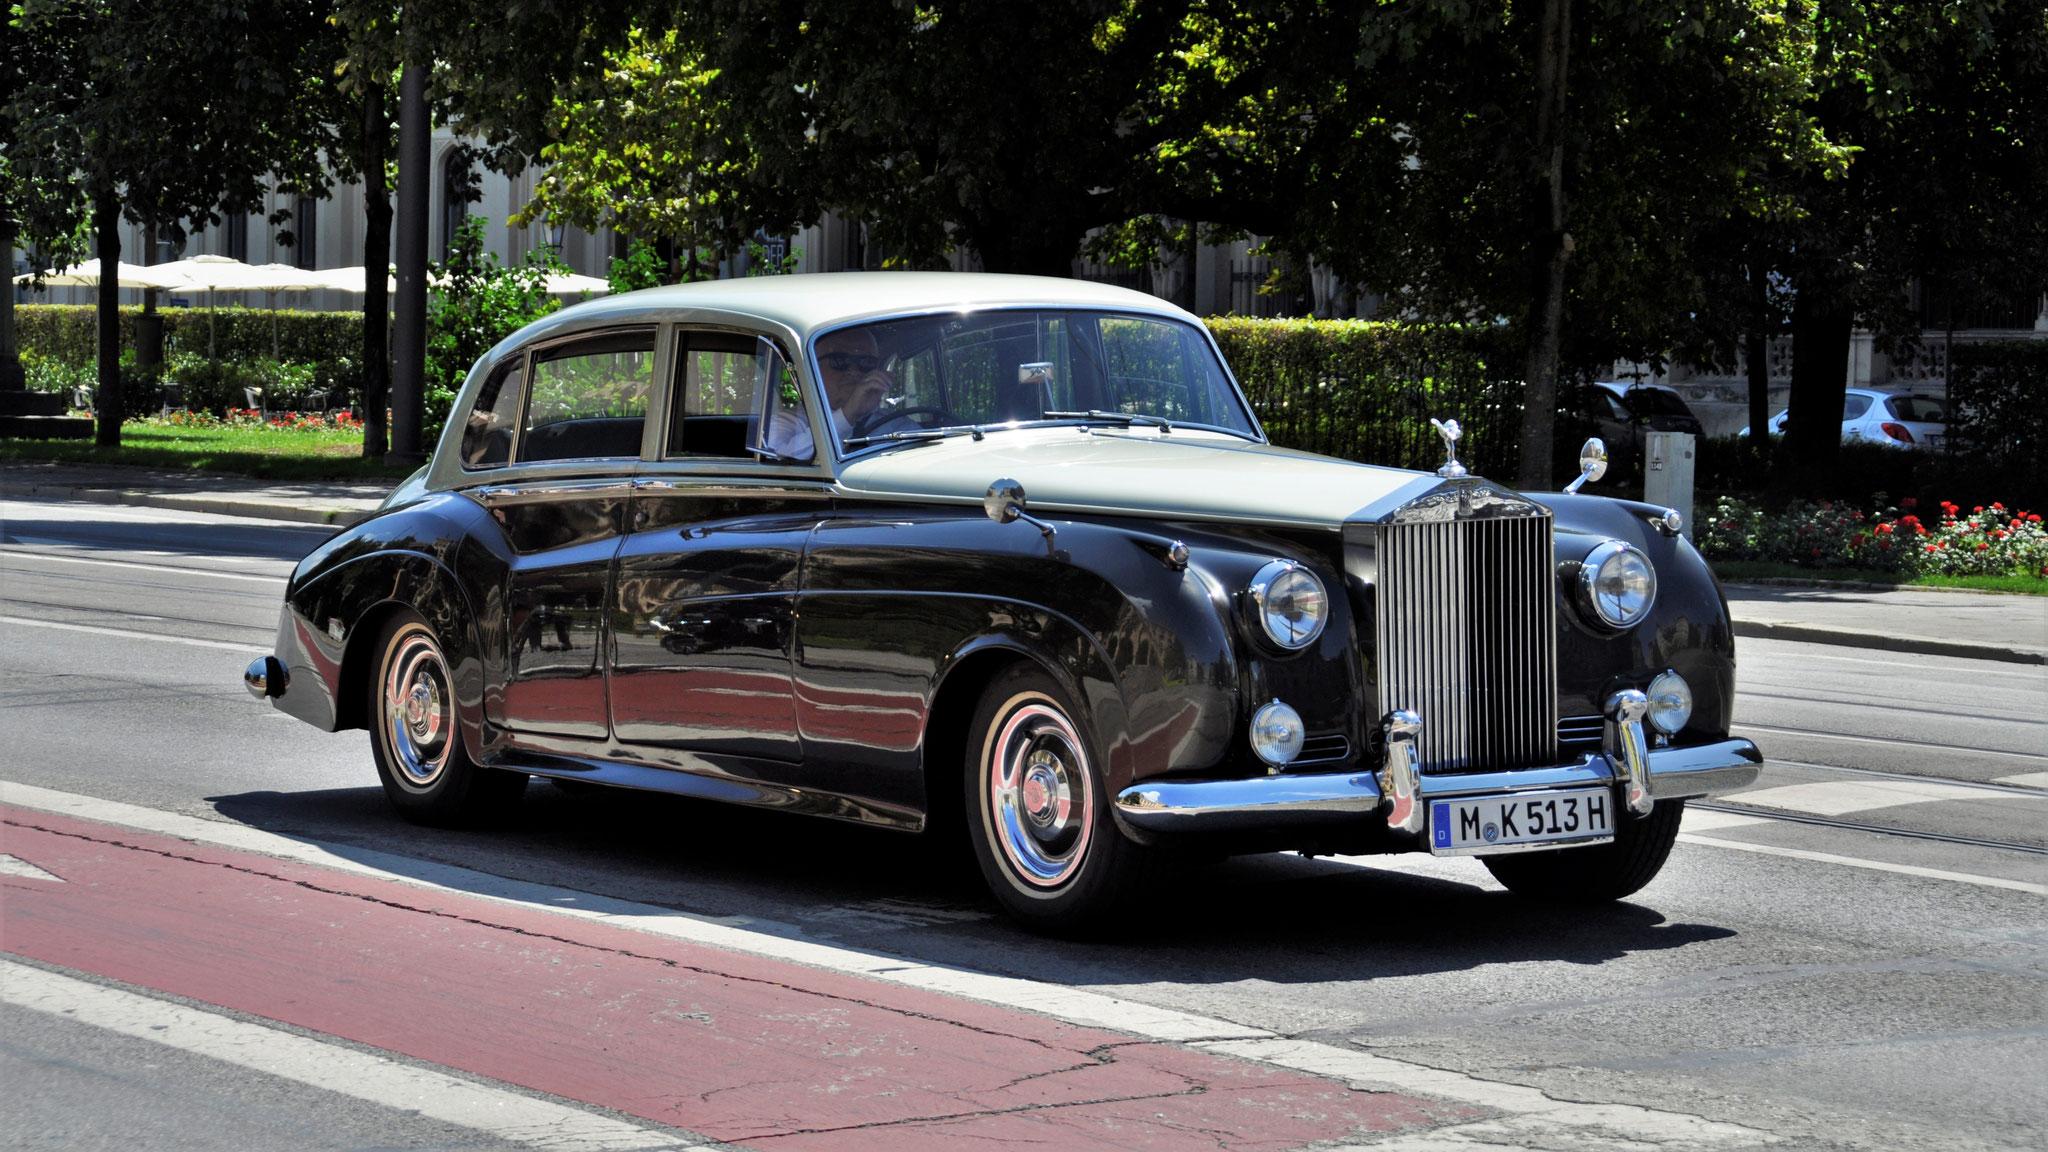 Rolls Royce Silver Cloud I - M-K-513H